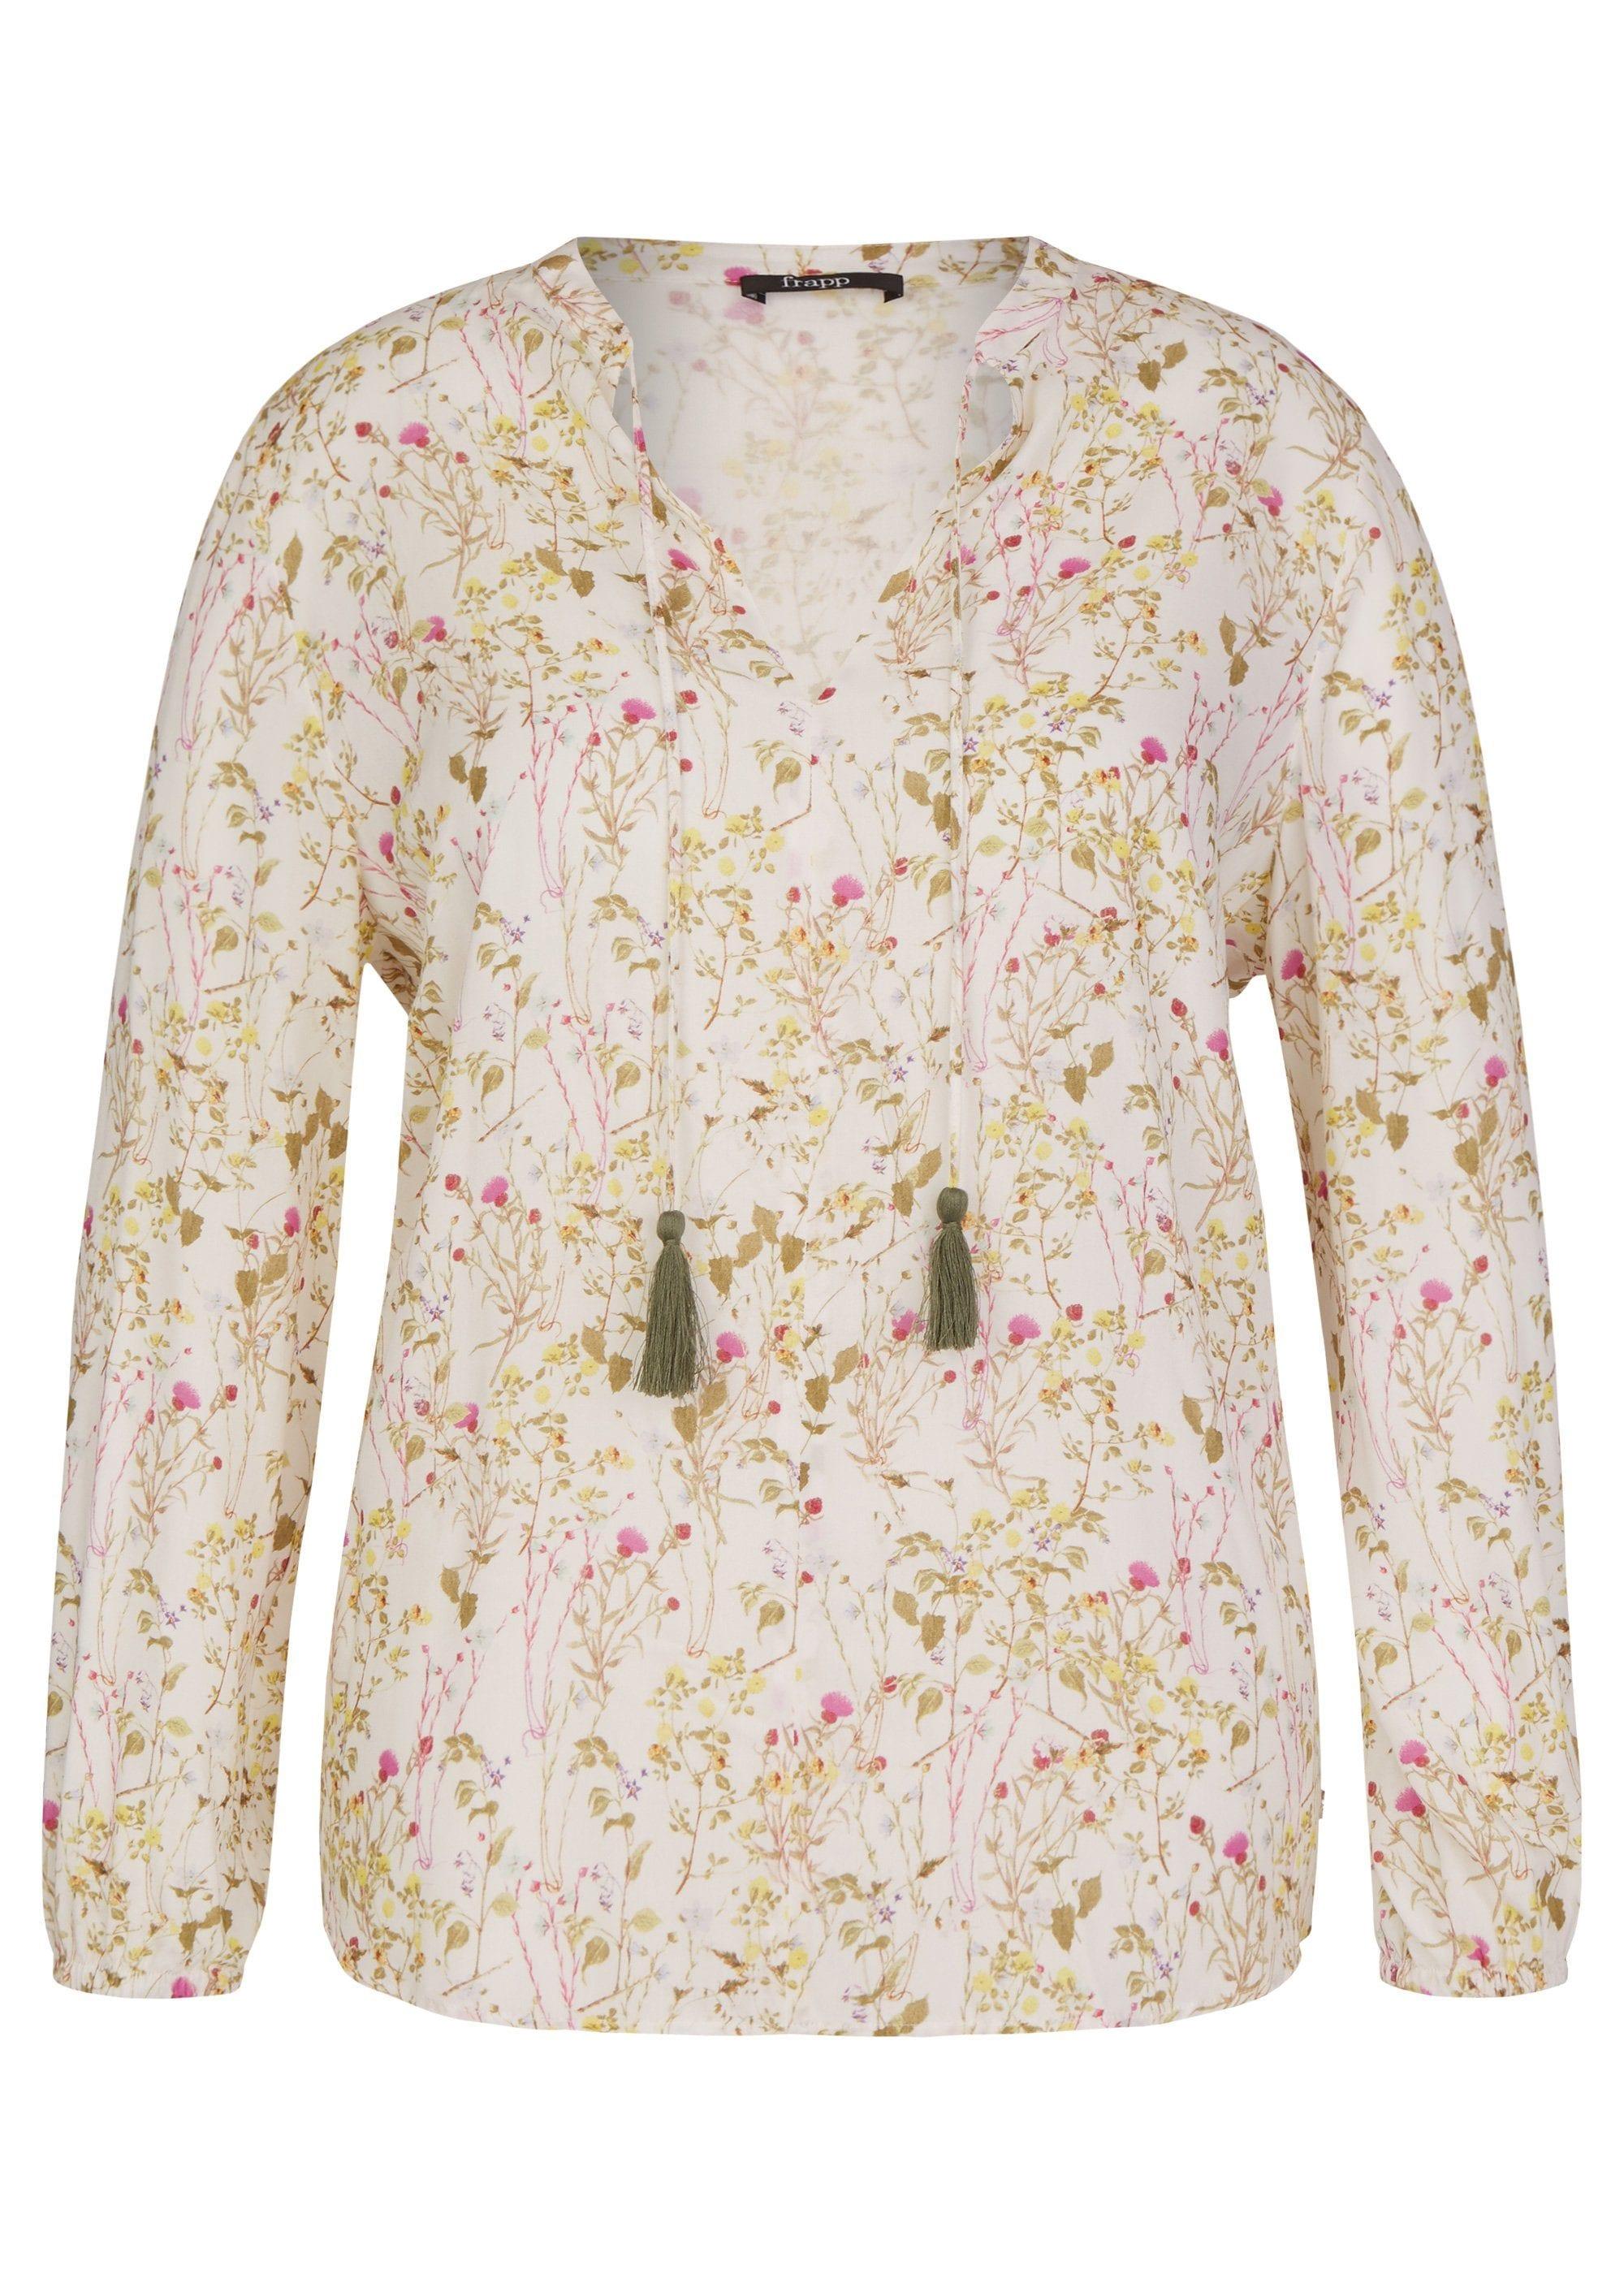 FRAPP Zarte Bluse mit Blumen-Print